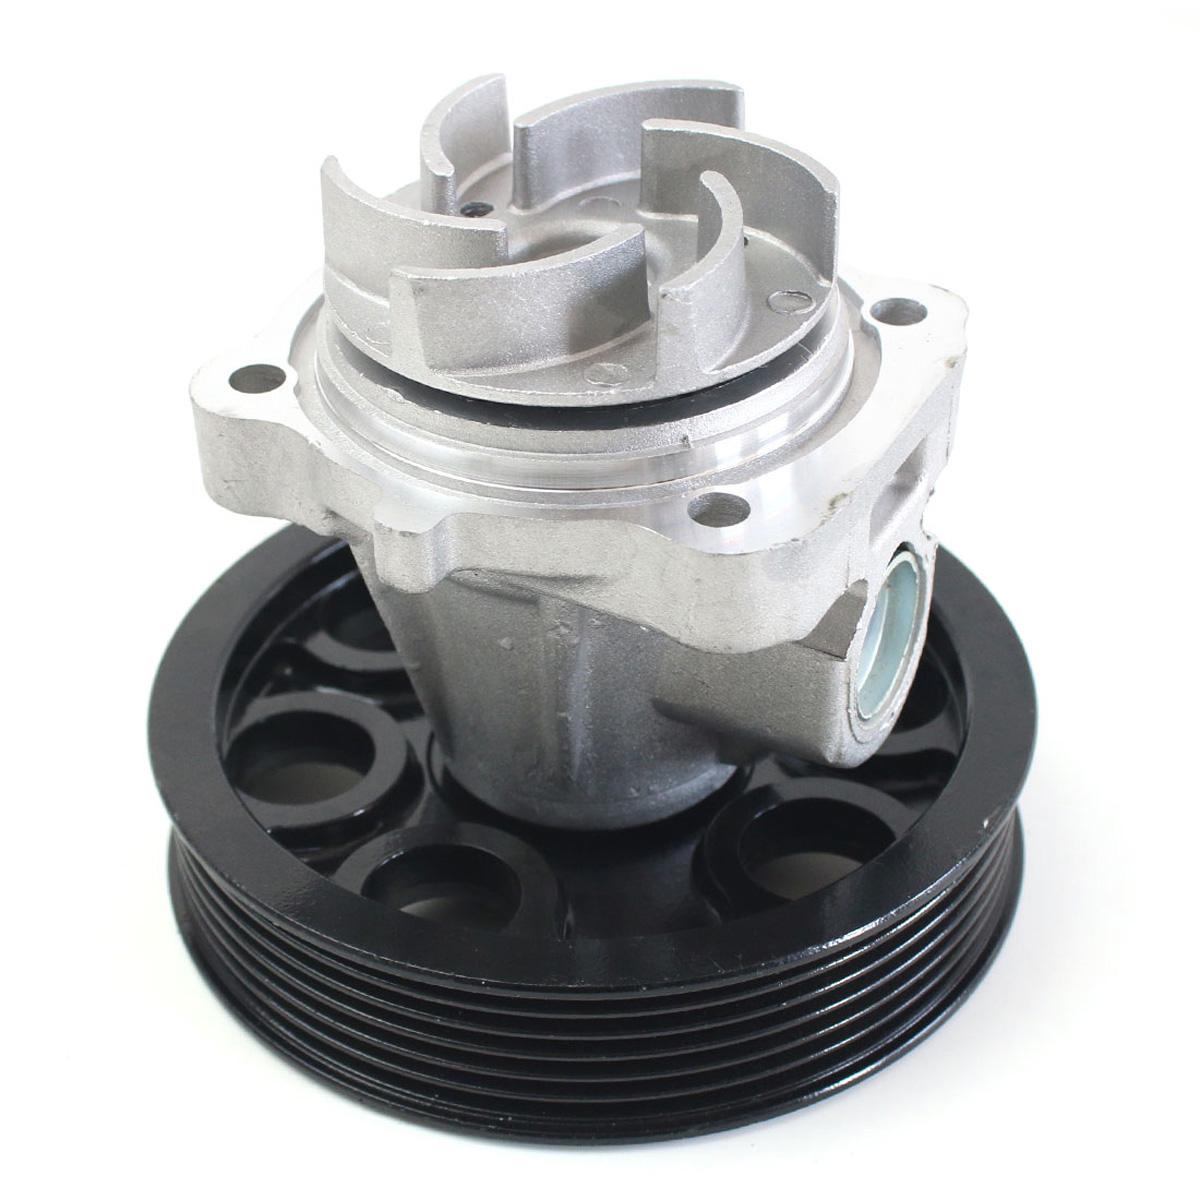 Wasserpumpe mit Dichtung für Alfa Romeo FIAT Ford Opel Suzuki PW09001